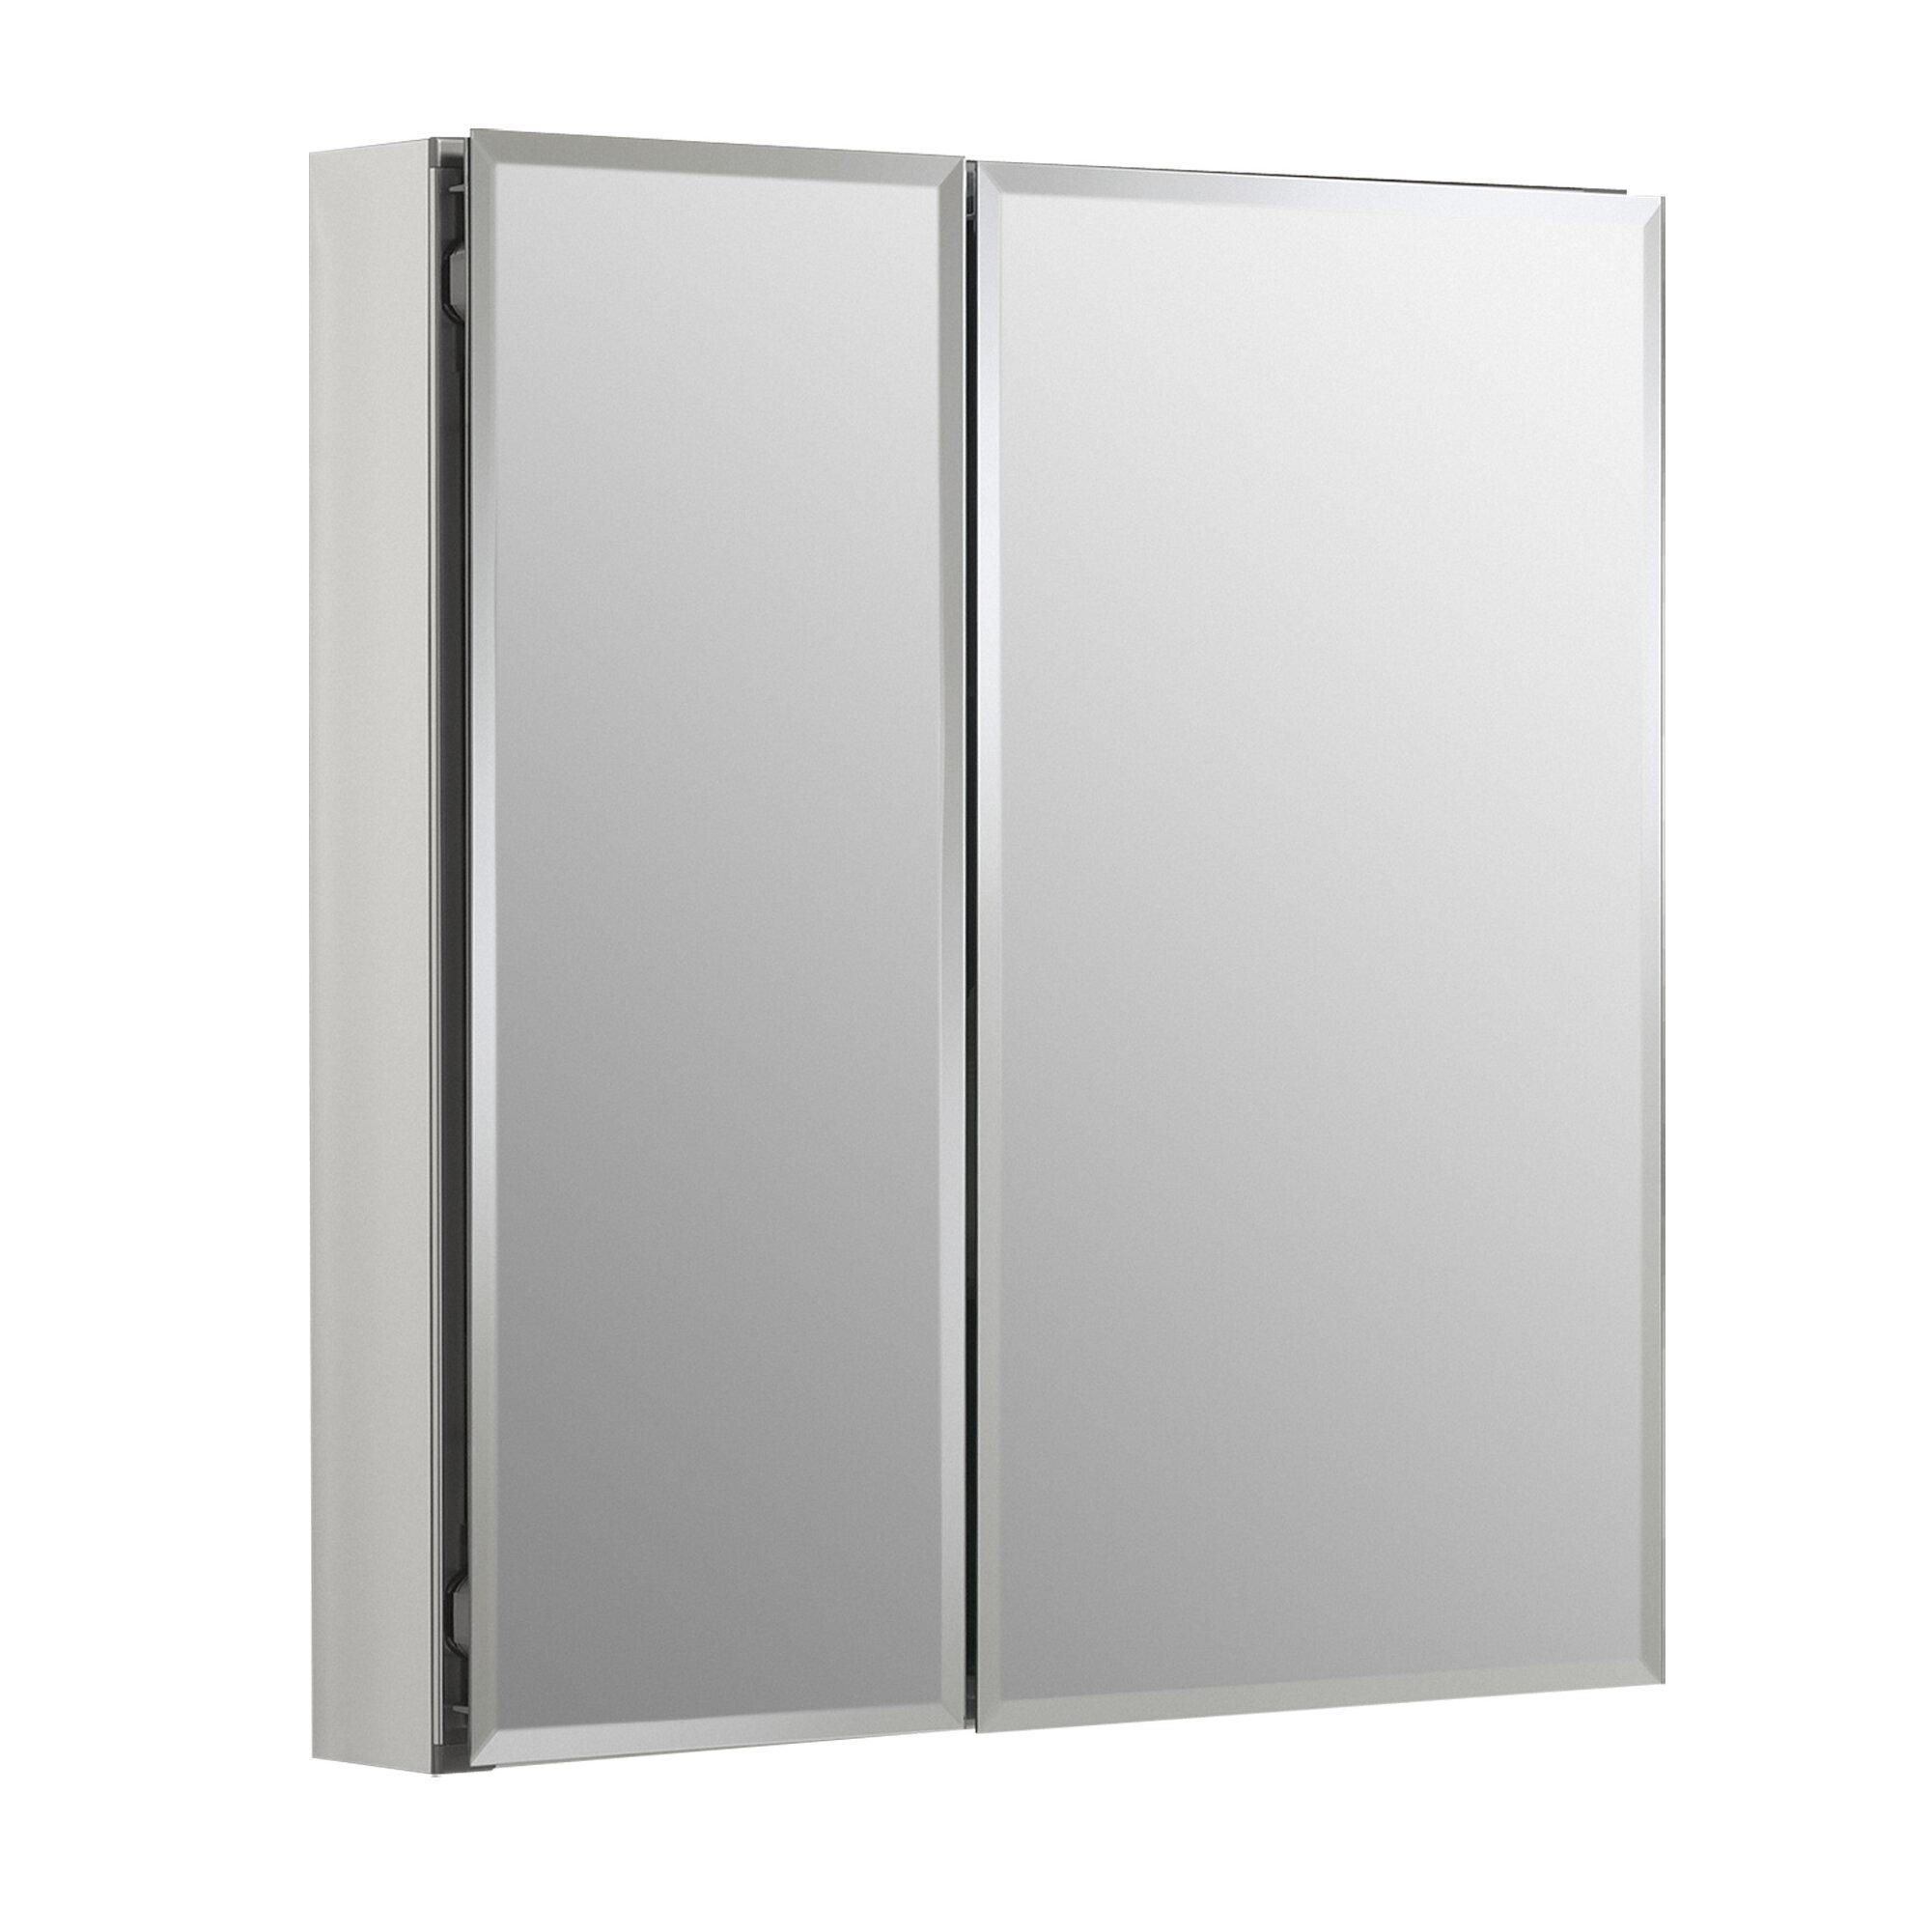 K Cb Clc2526fs Kohler 25 X 26 Recessed Or Surface Mount Frameless 2 Doors Medicine Cabinet With 2 Adjustable Shelves Reviews Wayfair